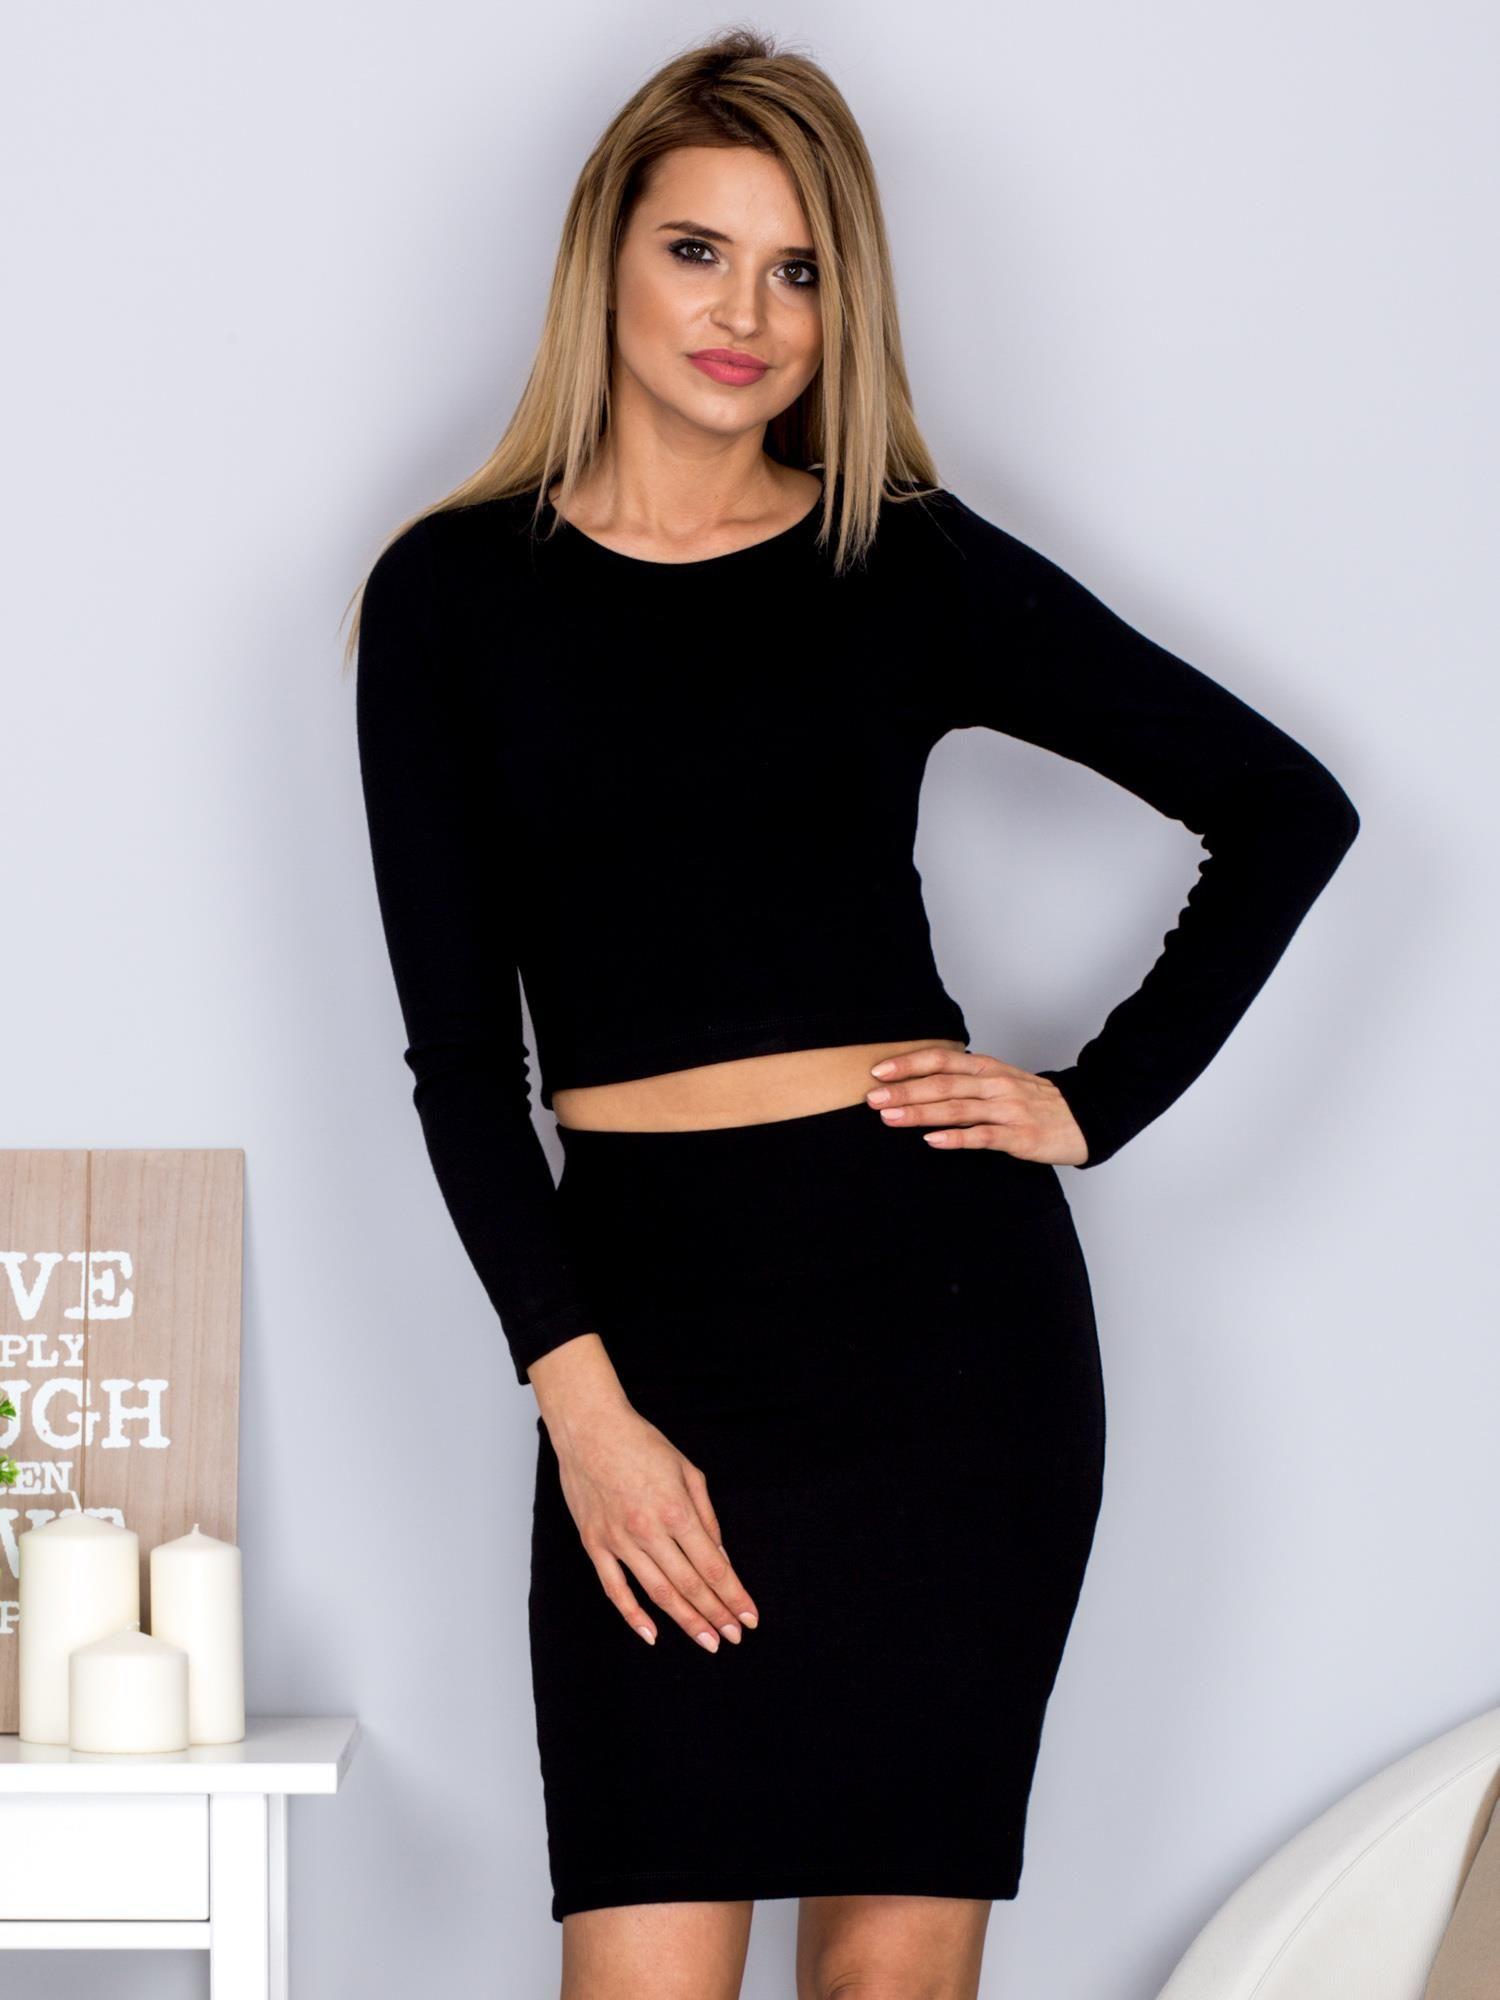 Modish Gładki komplet krótka bluzka i ołówkowa spódnica czarny - Bluzka KP36